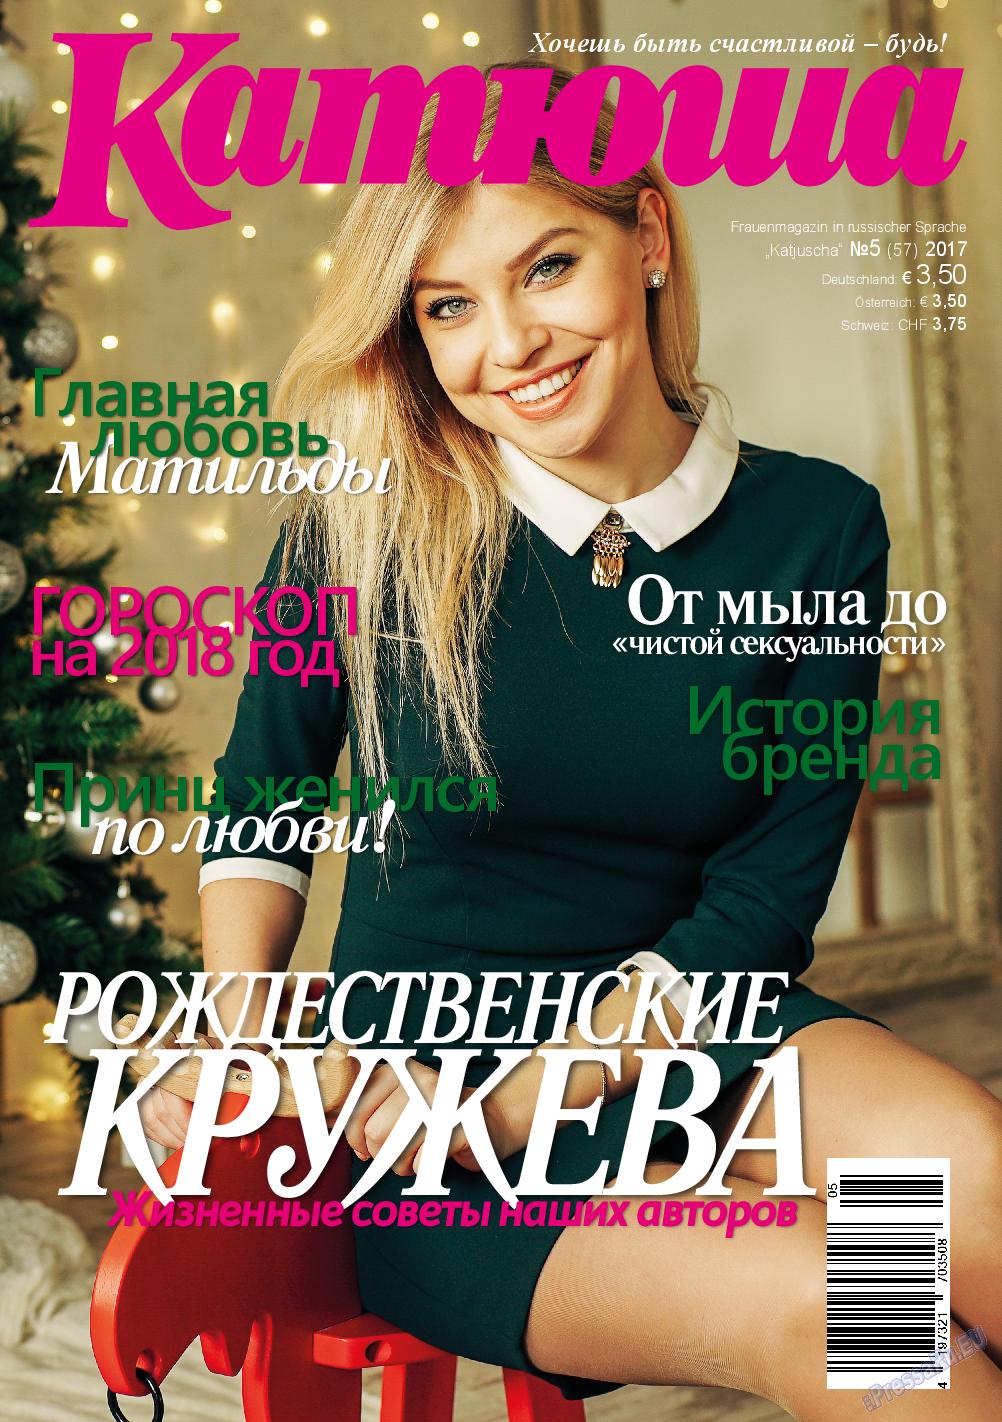 Катюша (журнал). 2017 год, номер 57, стр. 1